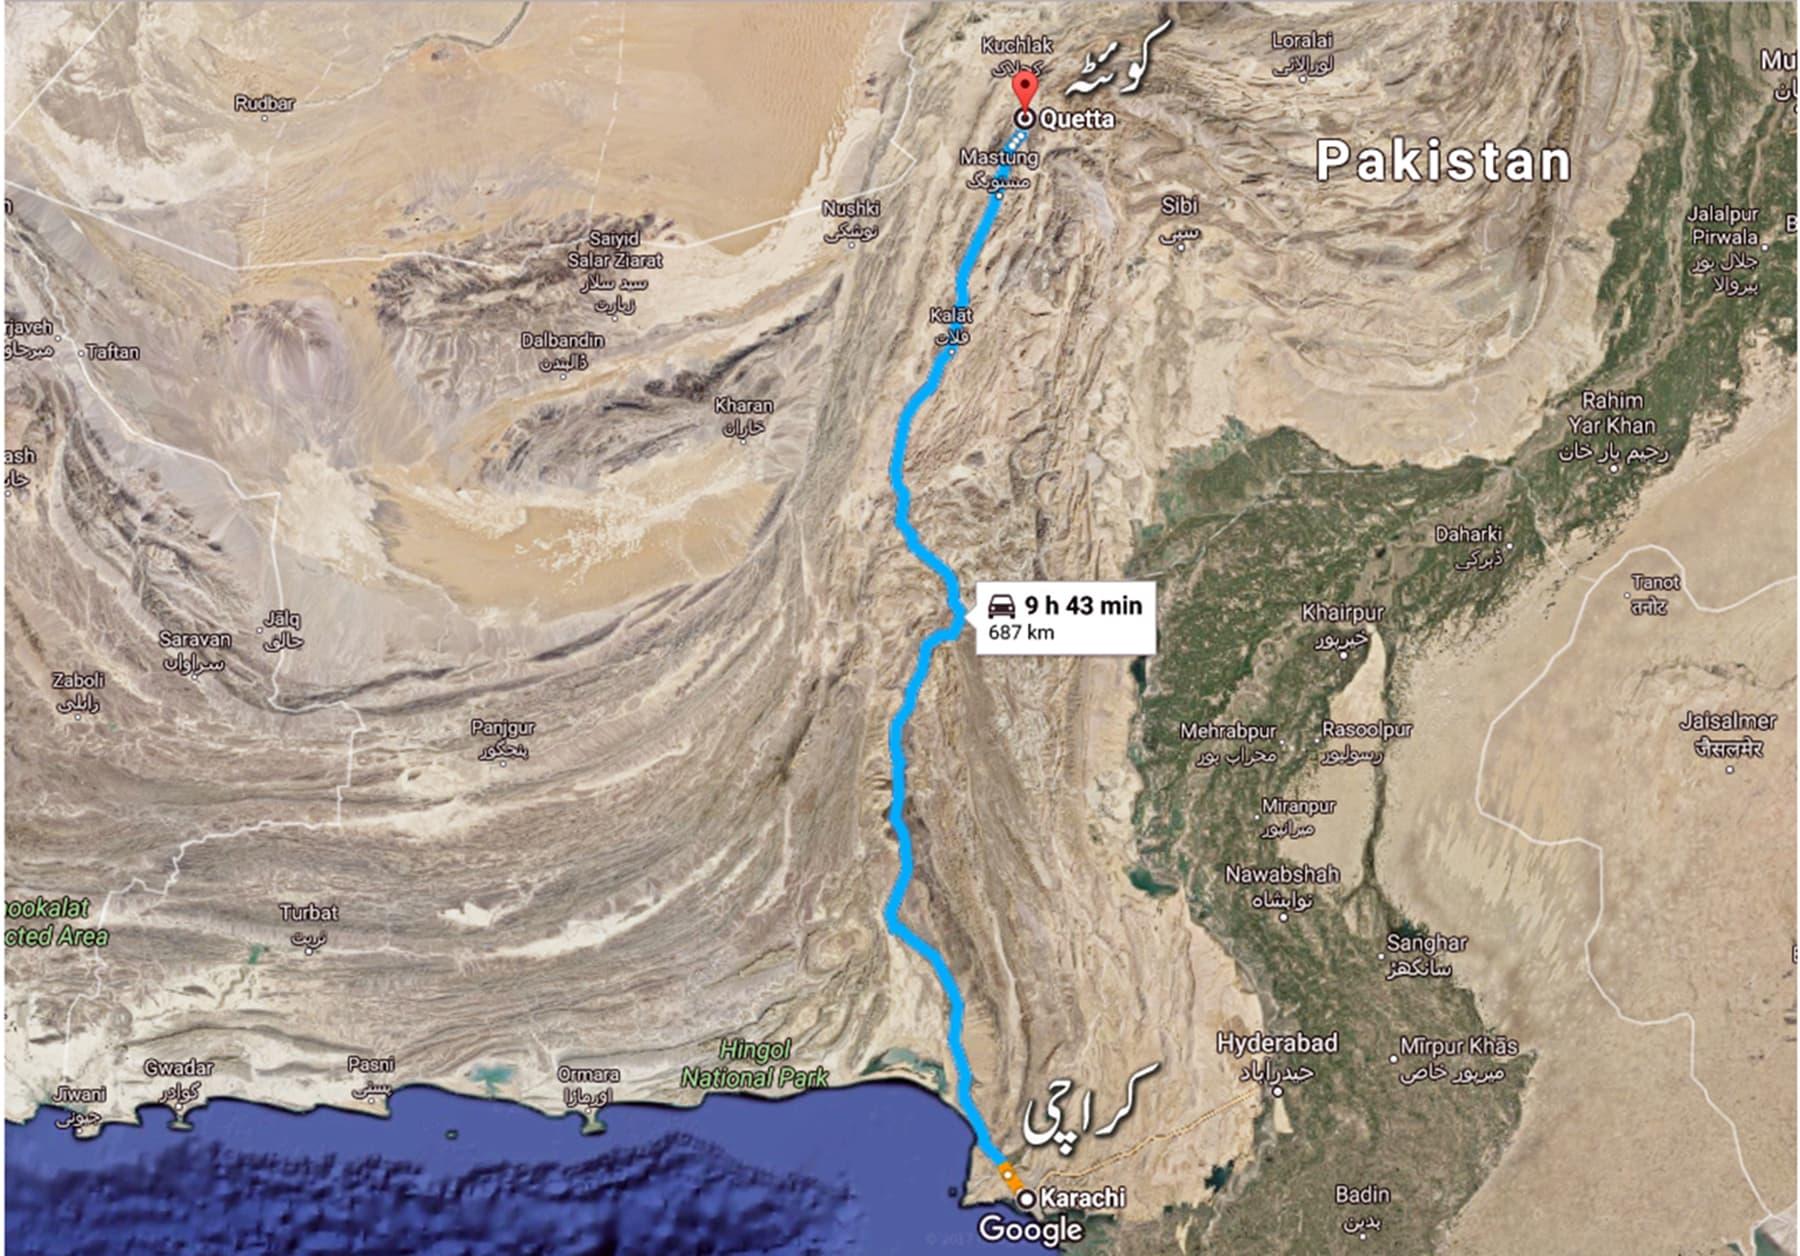 کراچی سے کوئٹہ تک کا راستہ—گوگل میپ